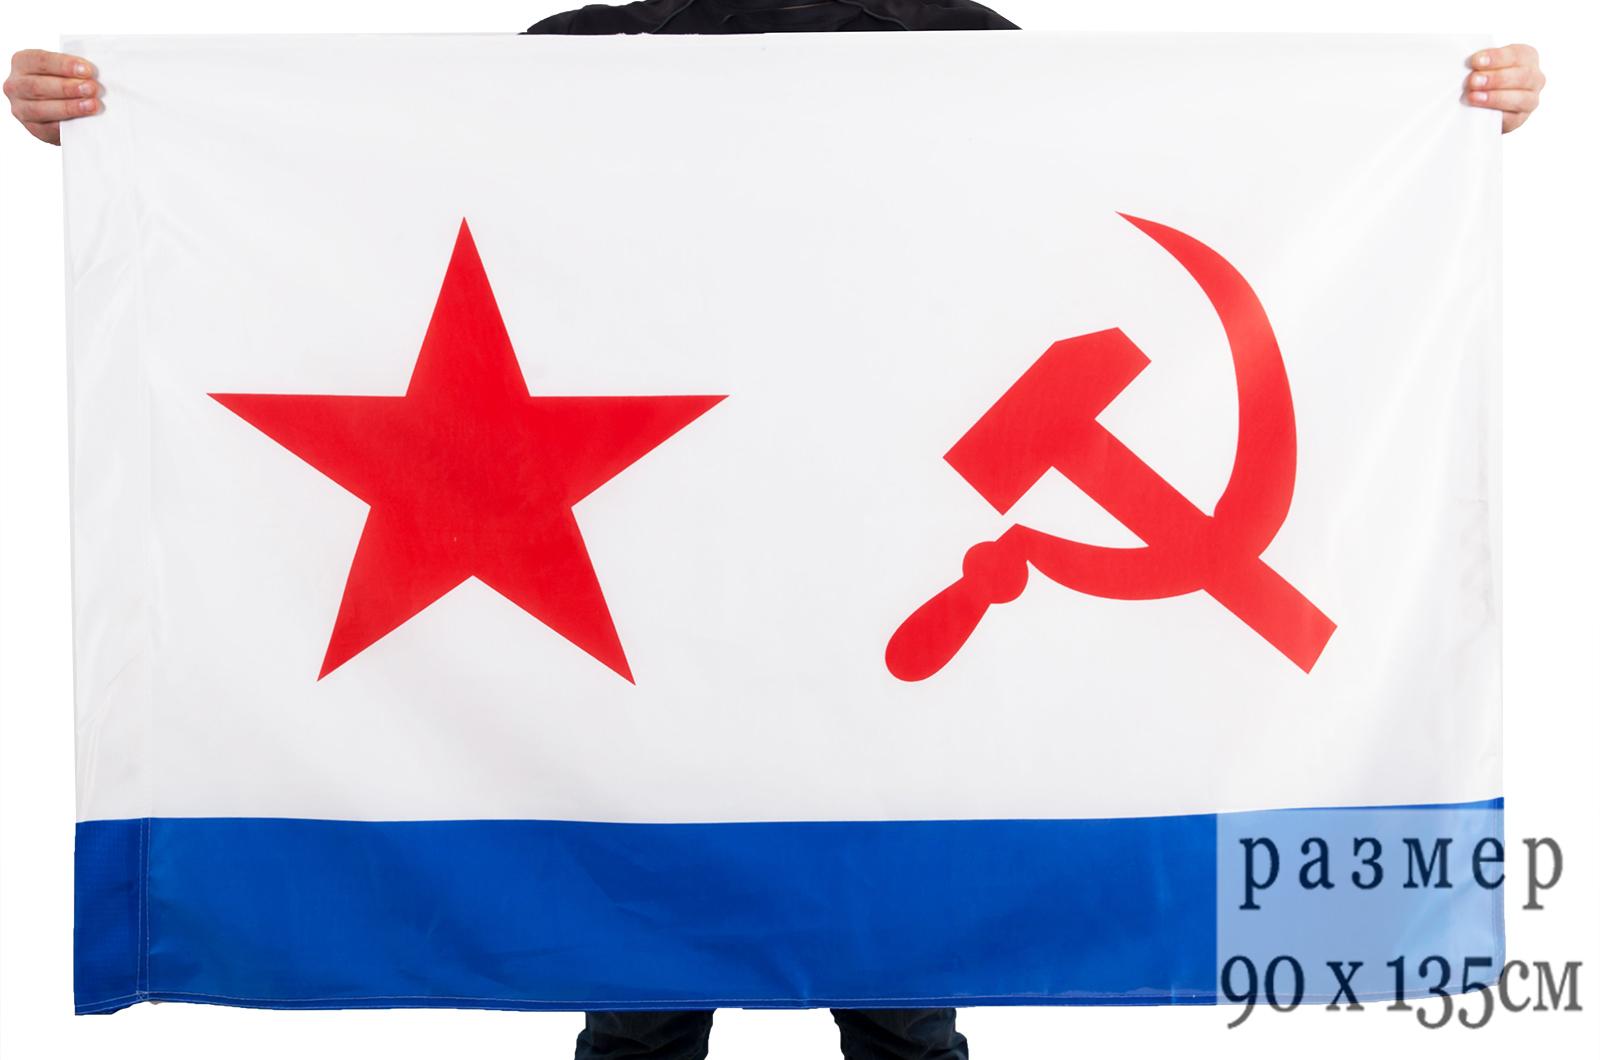 Купить флаг ВМФ СССР от ведущего производителя флагов